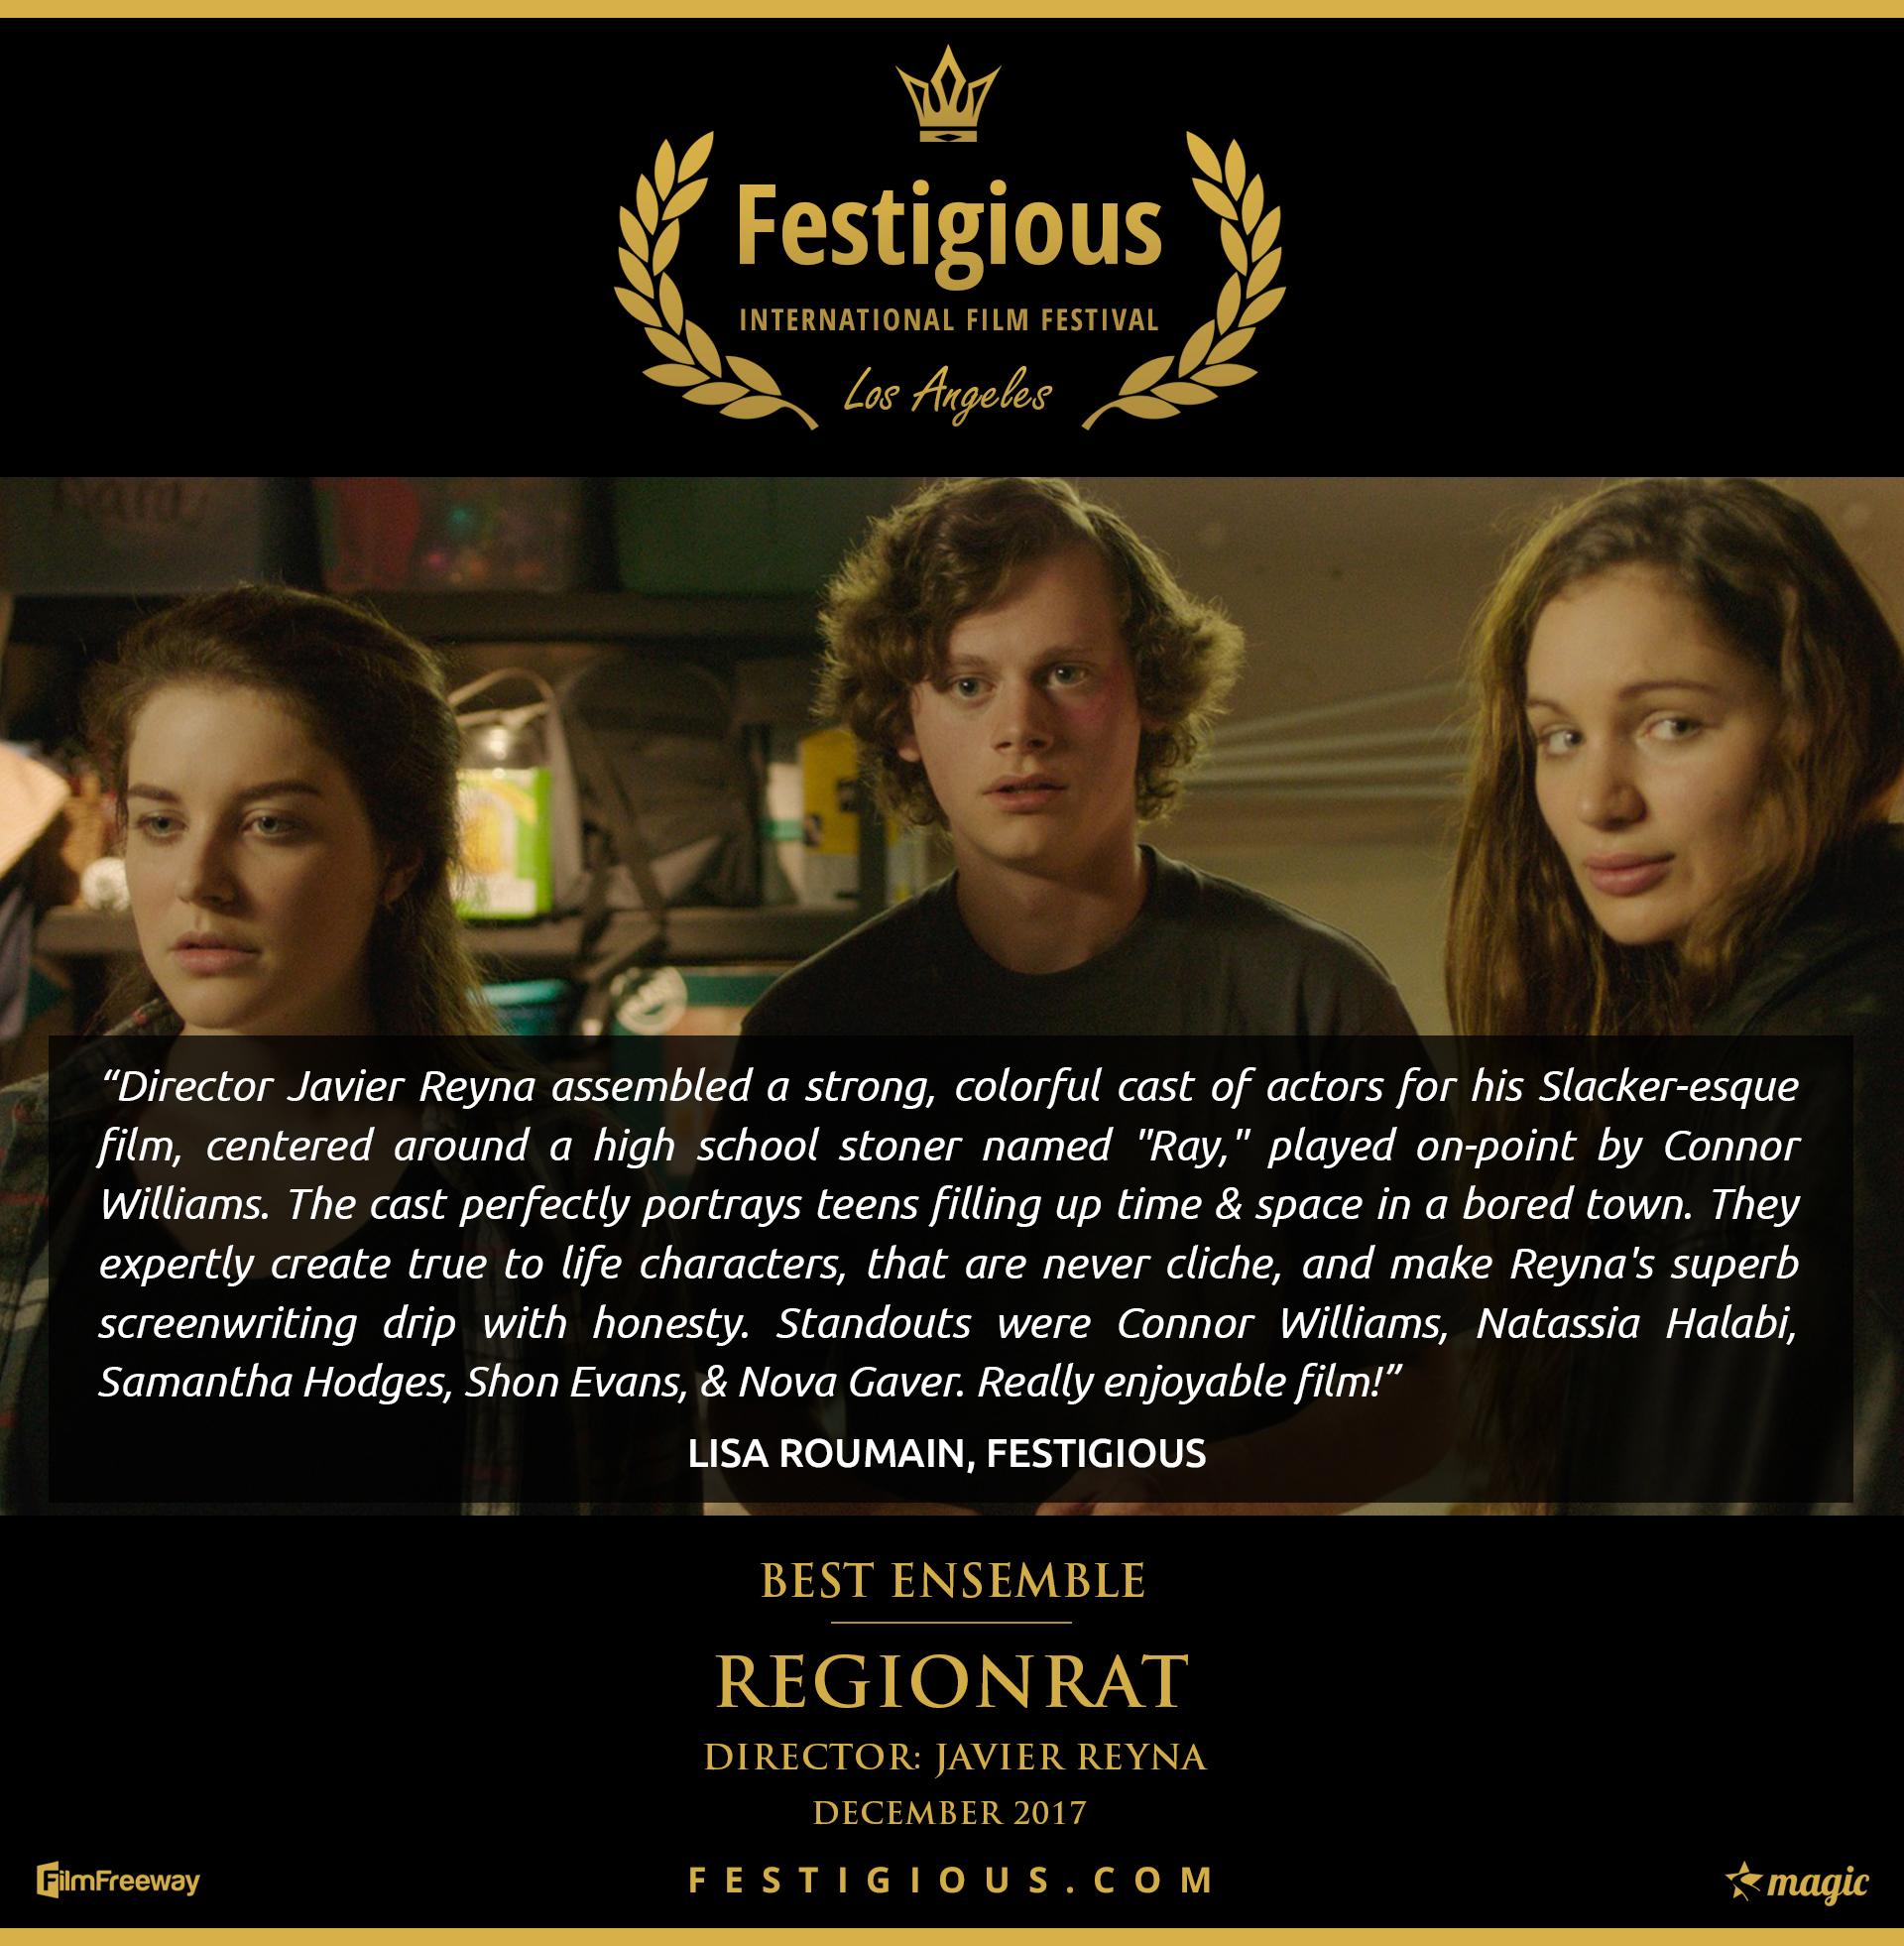 Regionrat - Festigious Best Ensemble - 2017 12